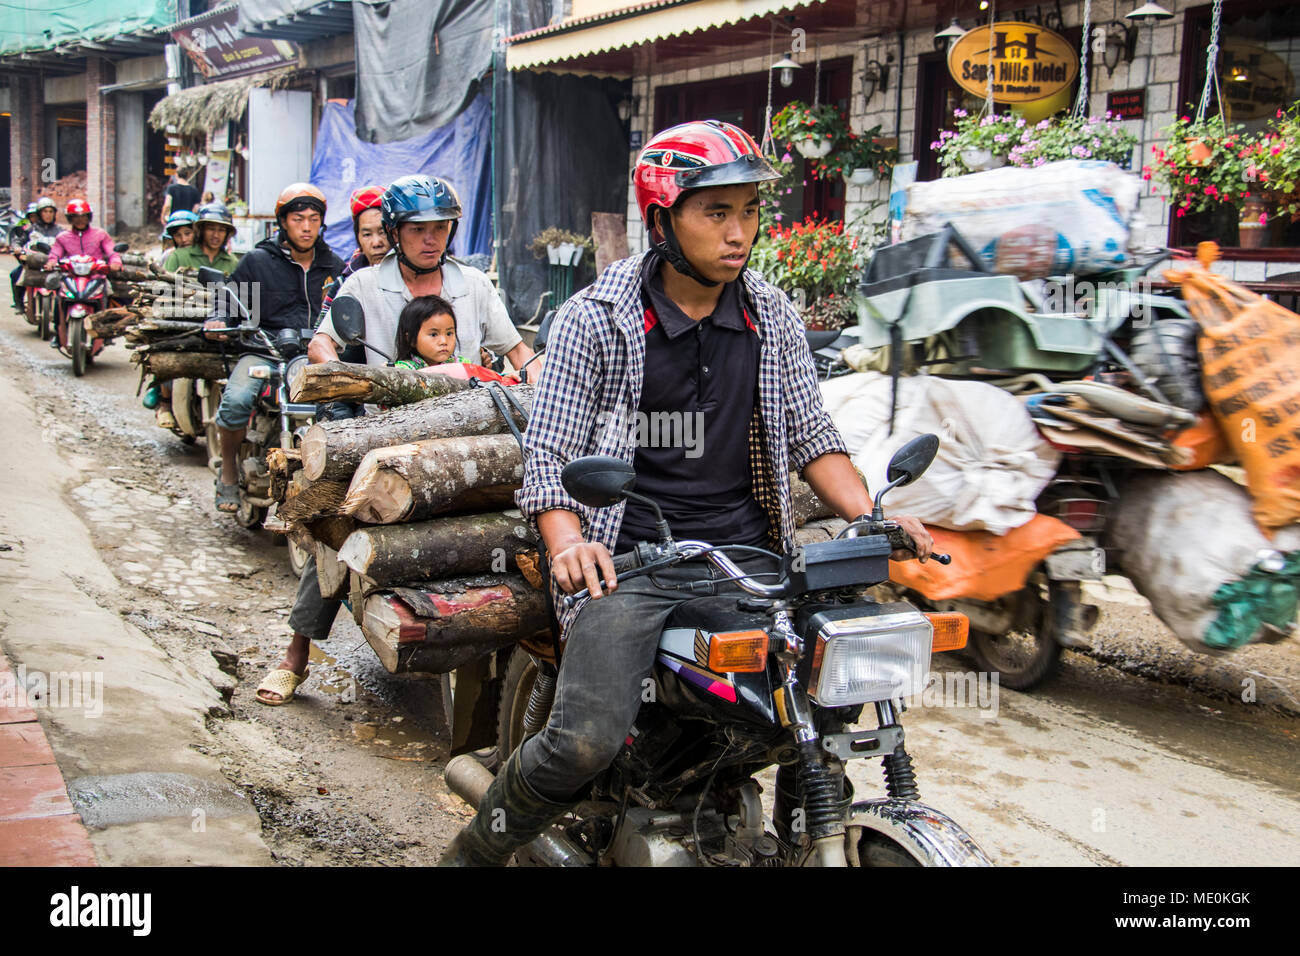 People hauling logs on motorbikes; Sapa, Lao Cai, Vietnam - Stock Image